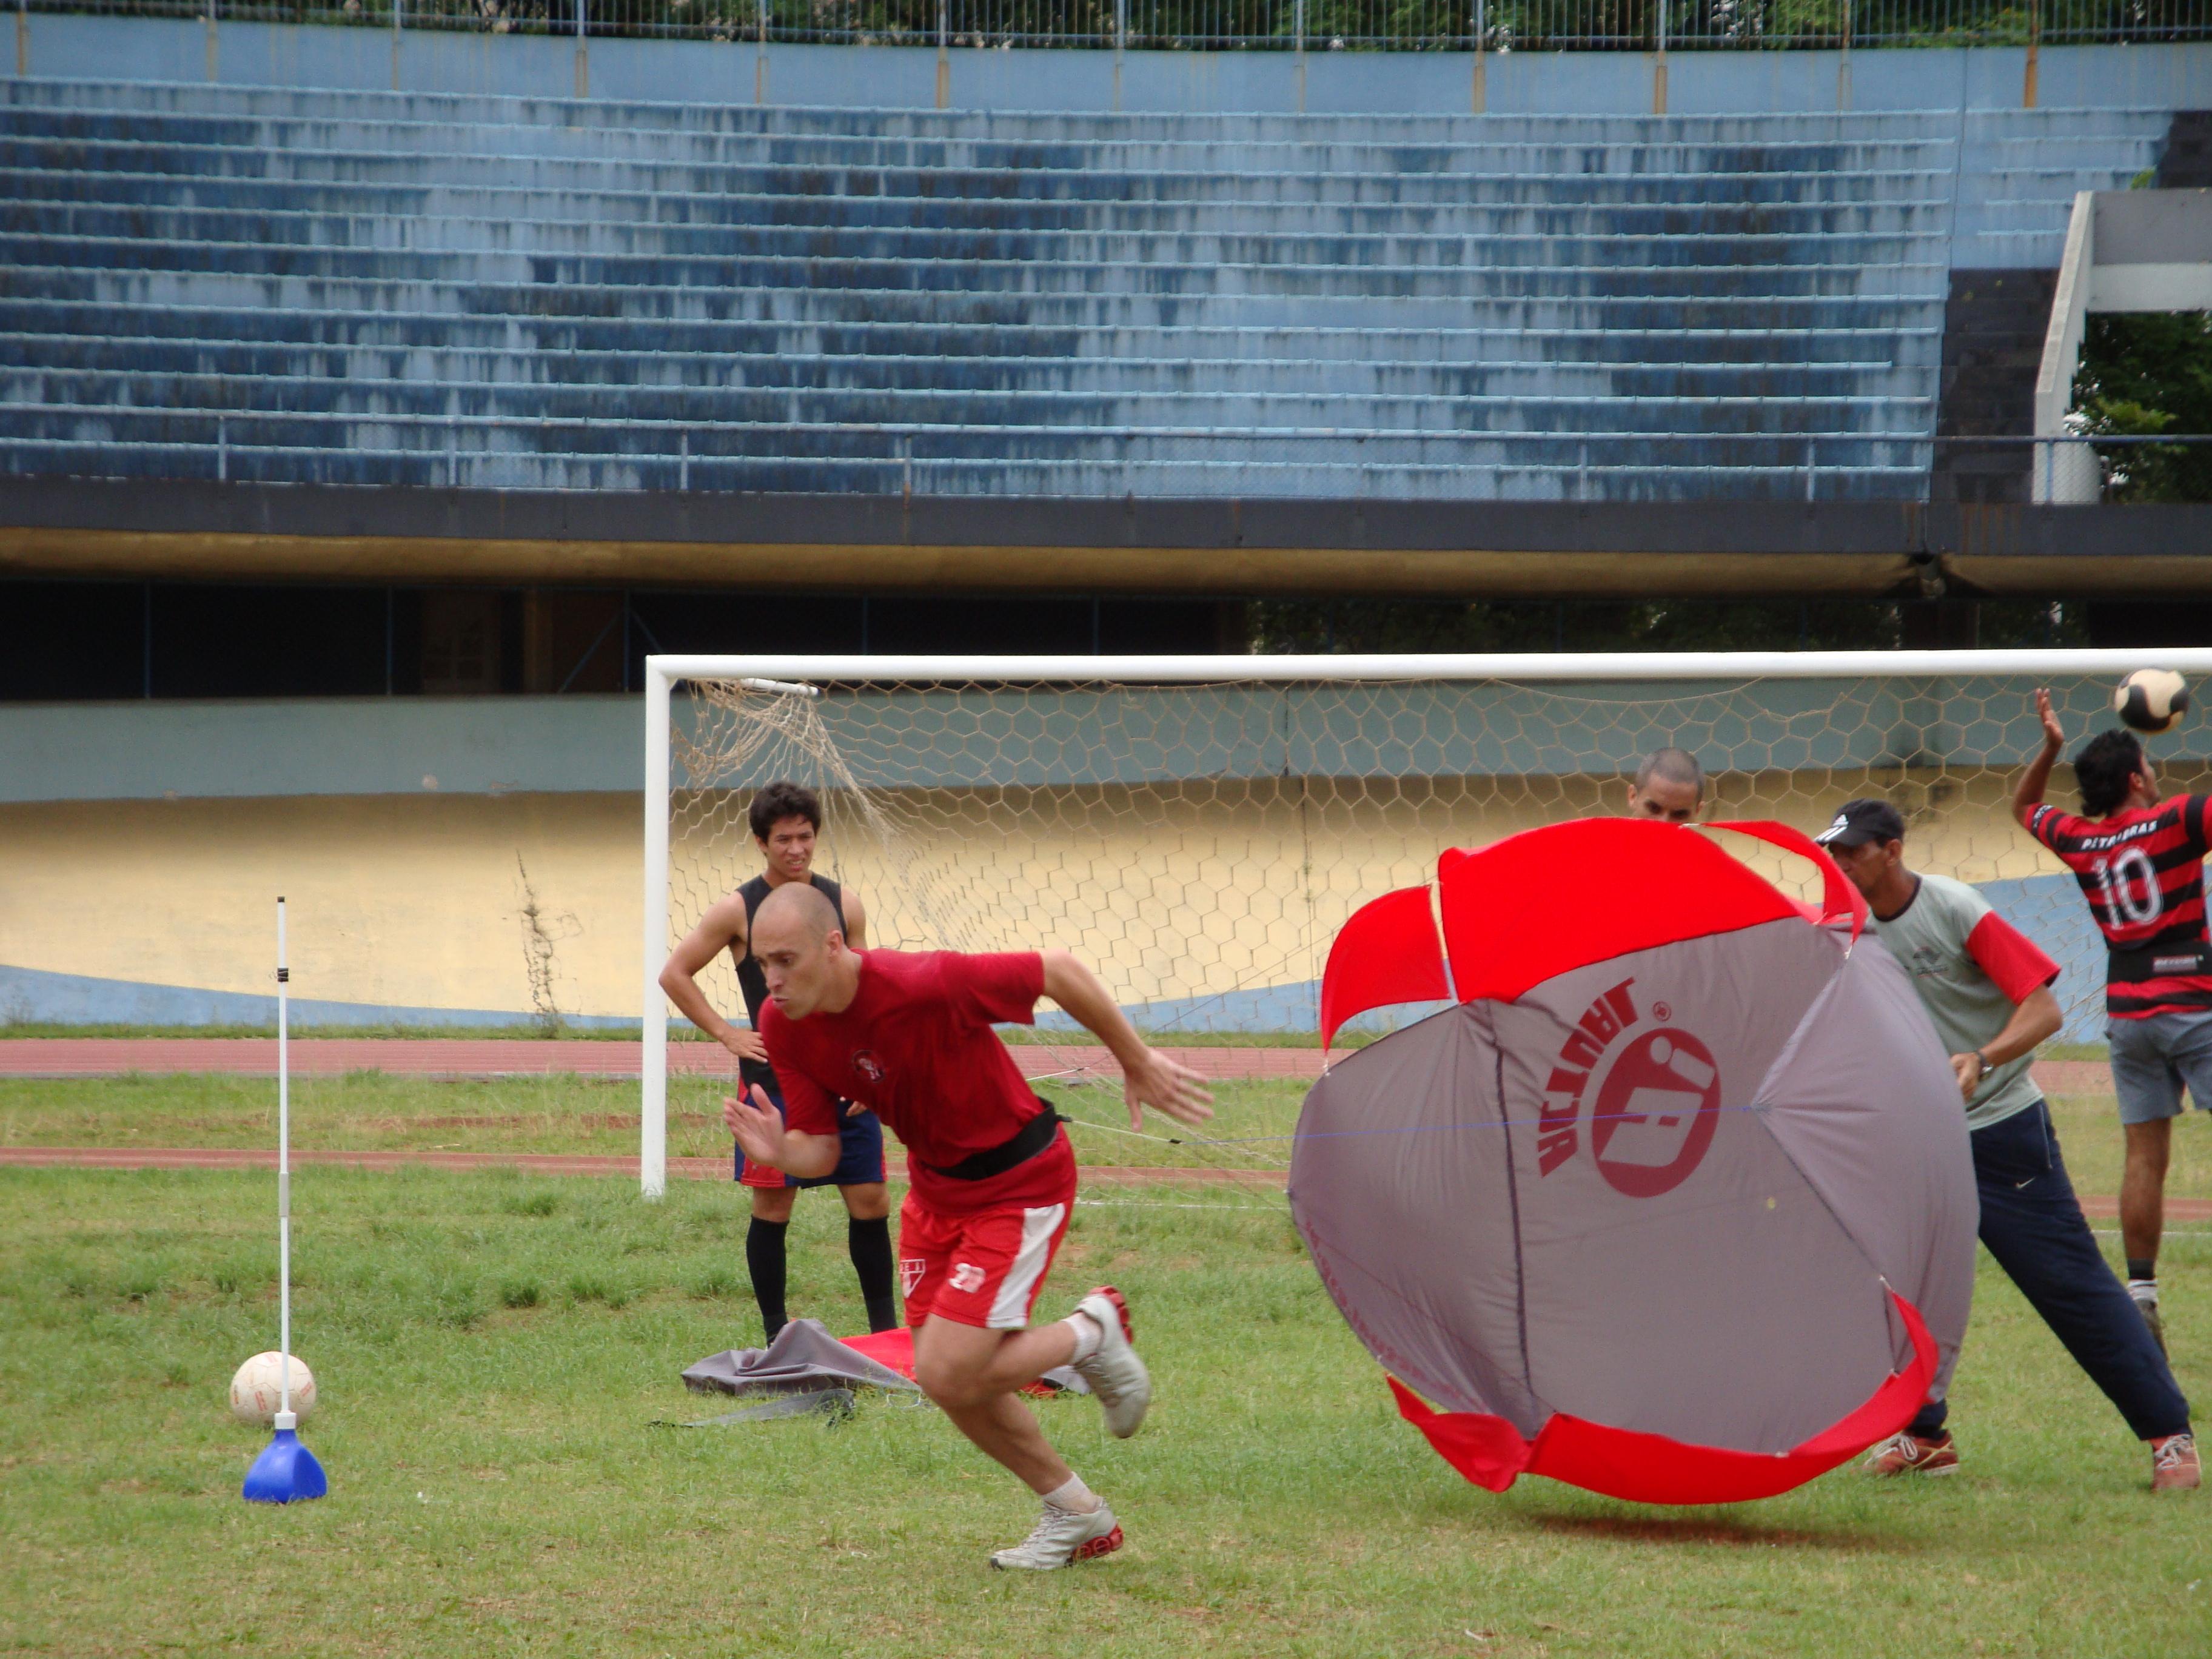 paraquedas em treinamento de futebol profissional